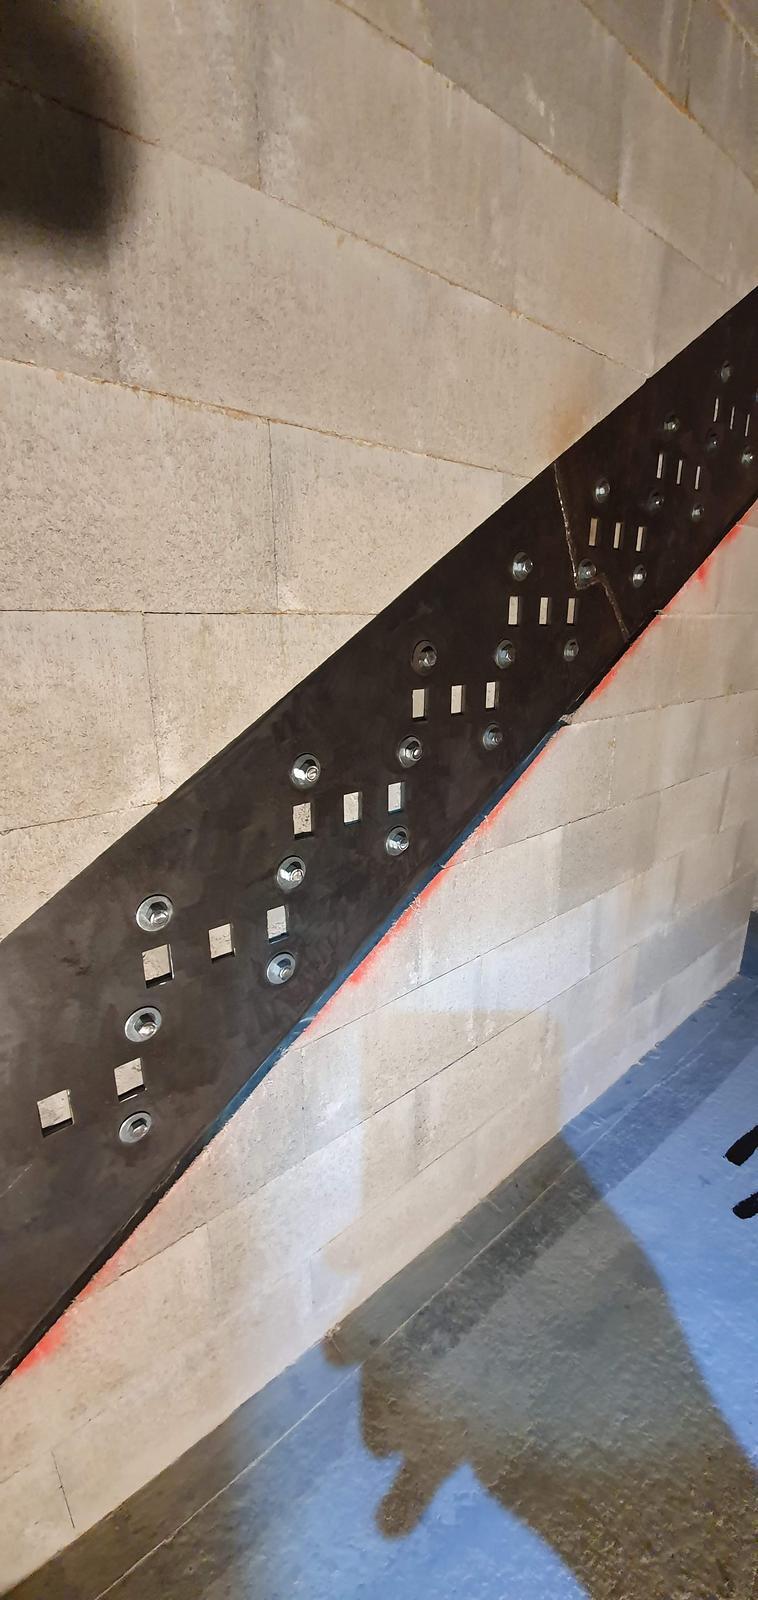 Konzolove schodisko (samonosne schody) - Obrázok č. 12